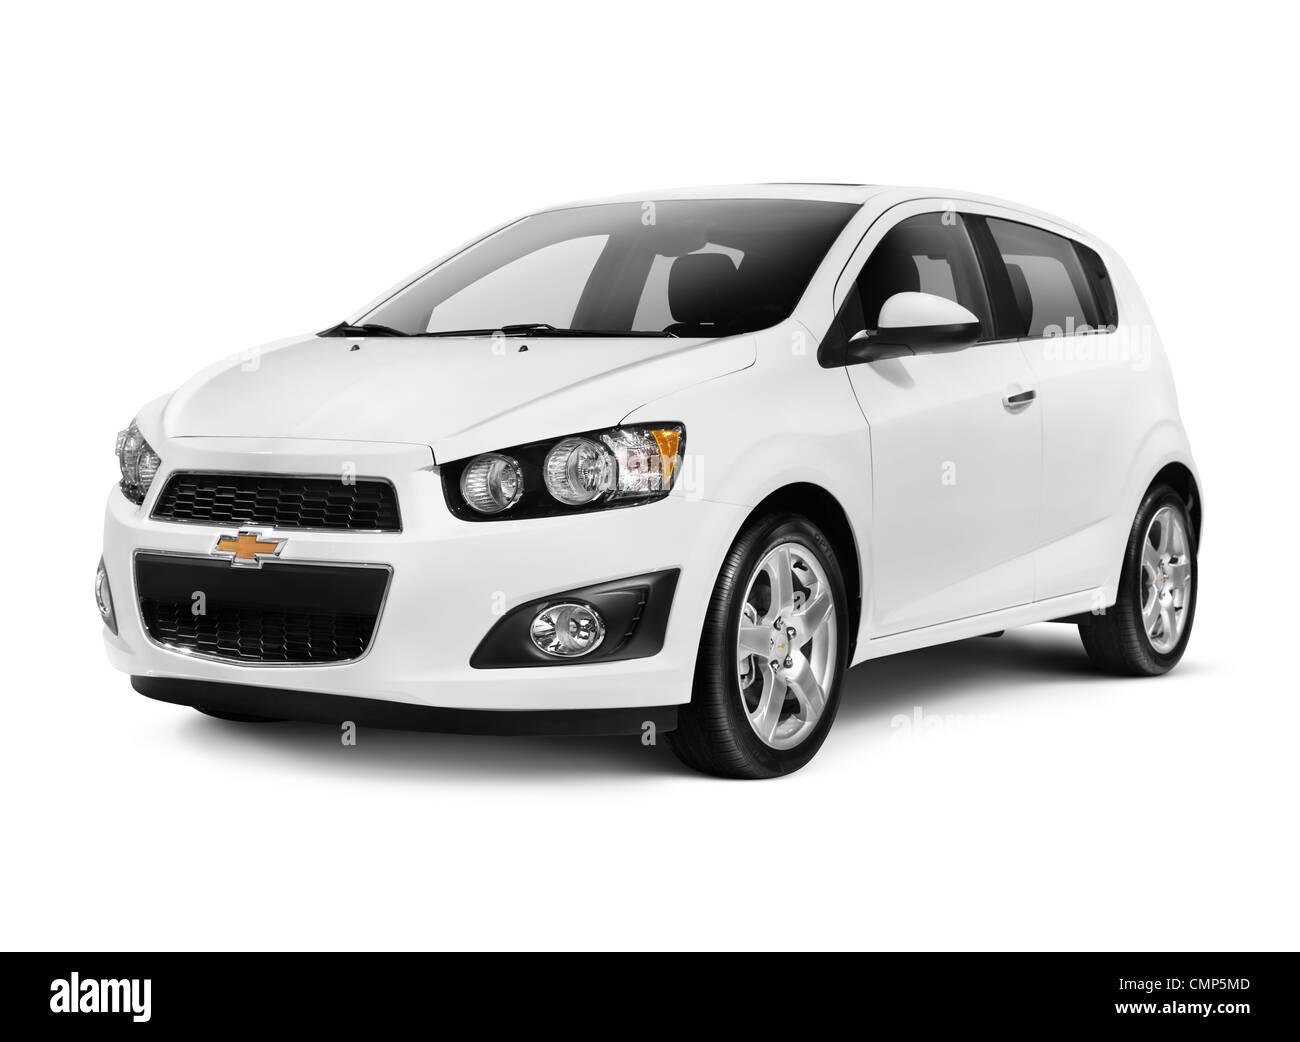 Weiß 2012 Chevrolet Sonic Lt Kleinwagen Isoliert Auf Weißem Hintergrund Mit Beschneidungspfad Stockfotografie Alamy